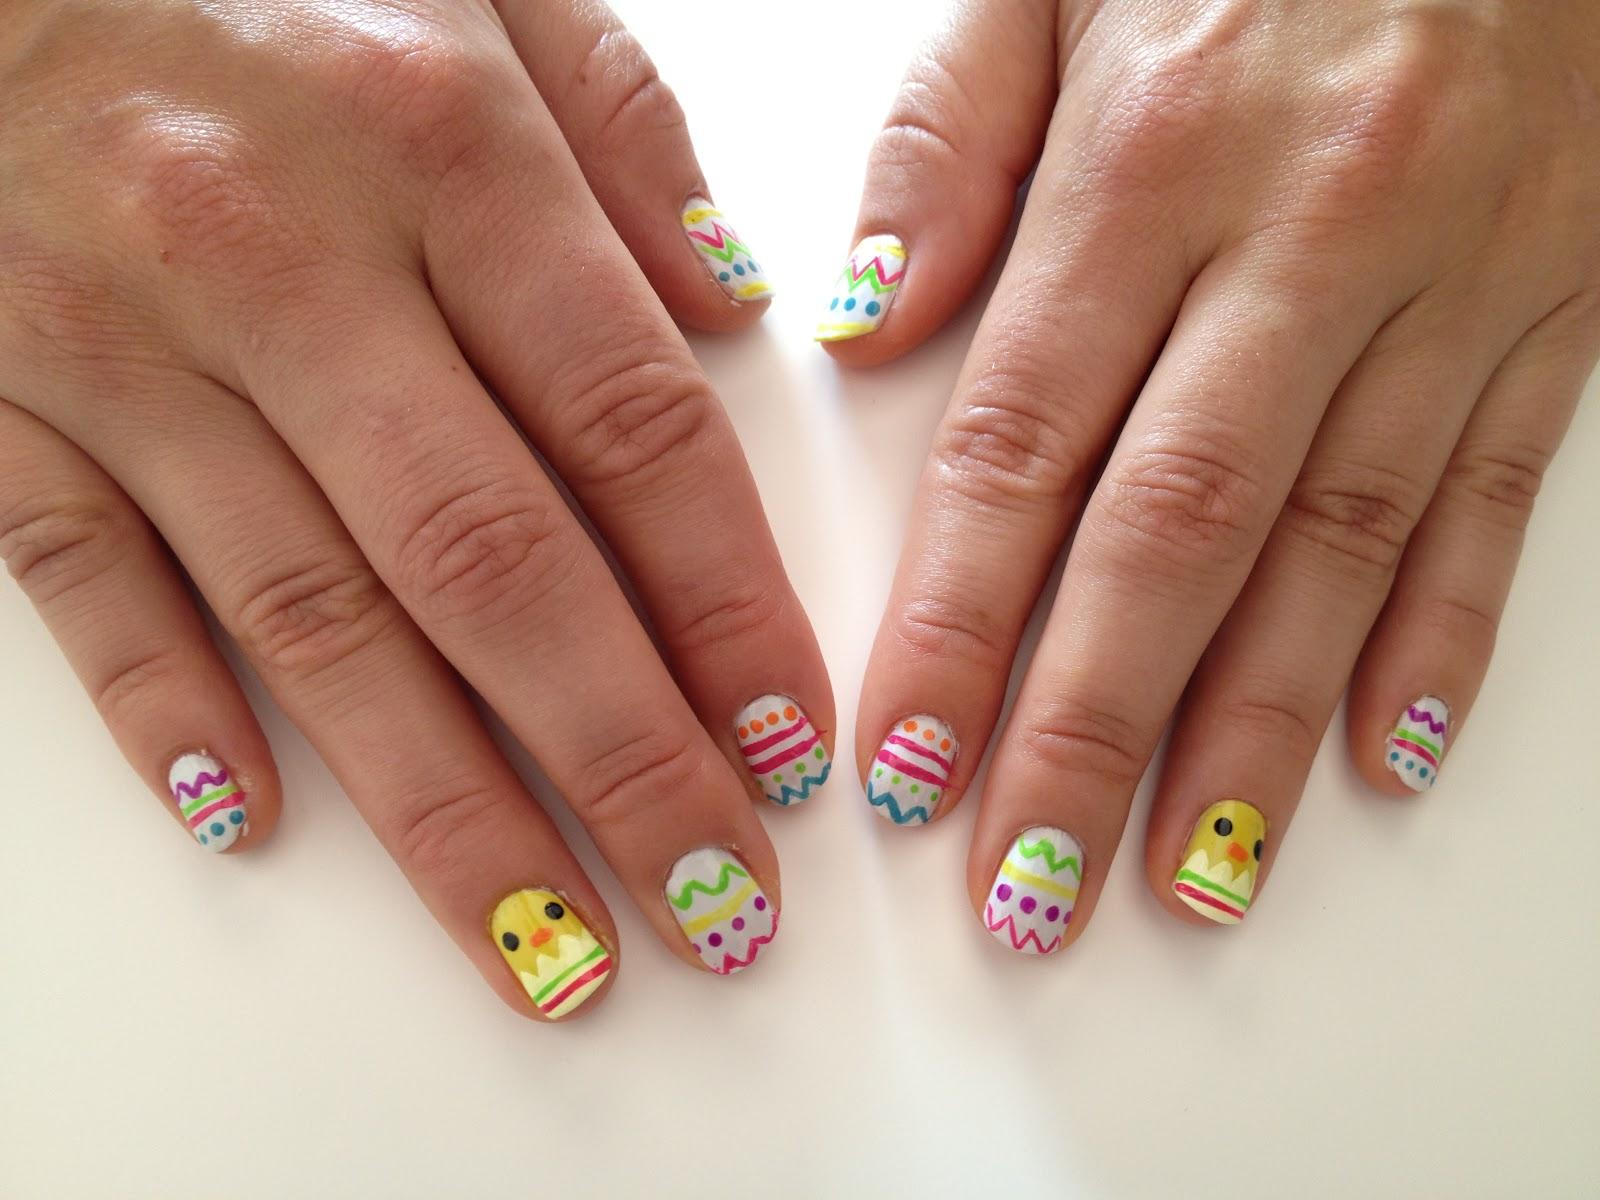 CuteZine: Cute Nails! Cute Polish Nail Art Designs.